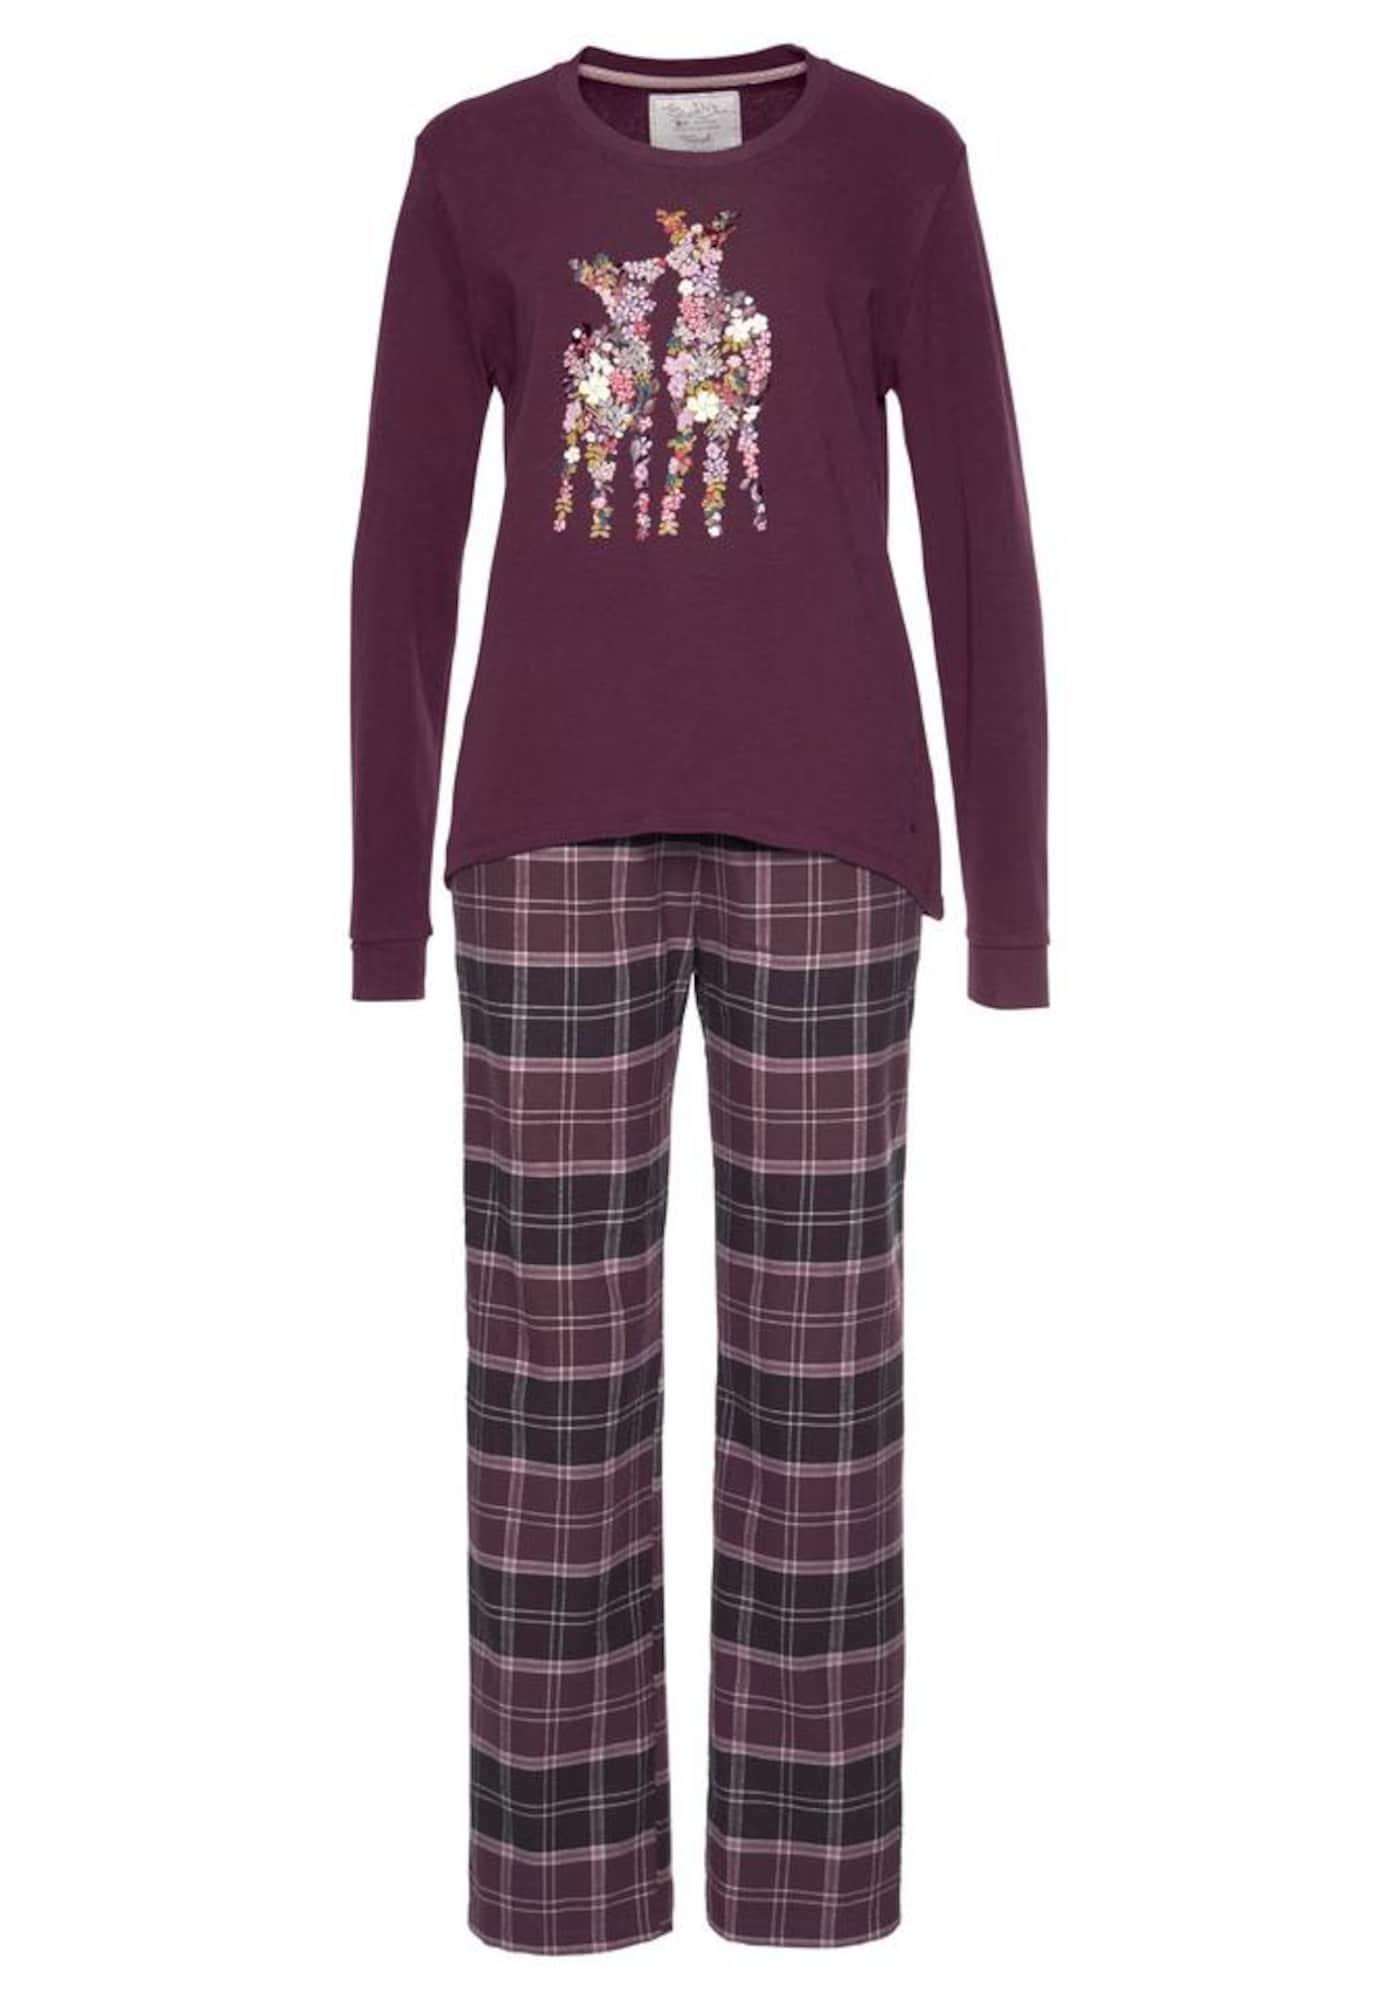 Pyjama | Bekleidung > Nachtwäsche > Pyjamas | Triumph